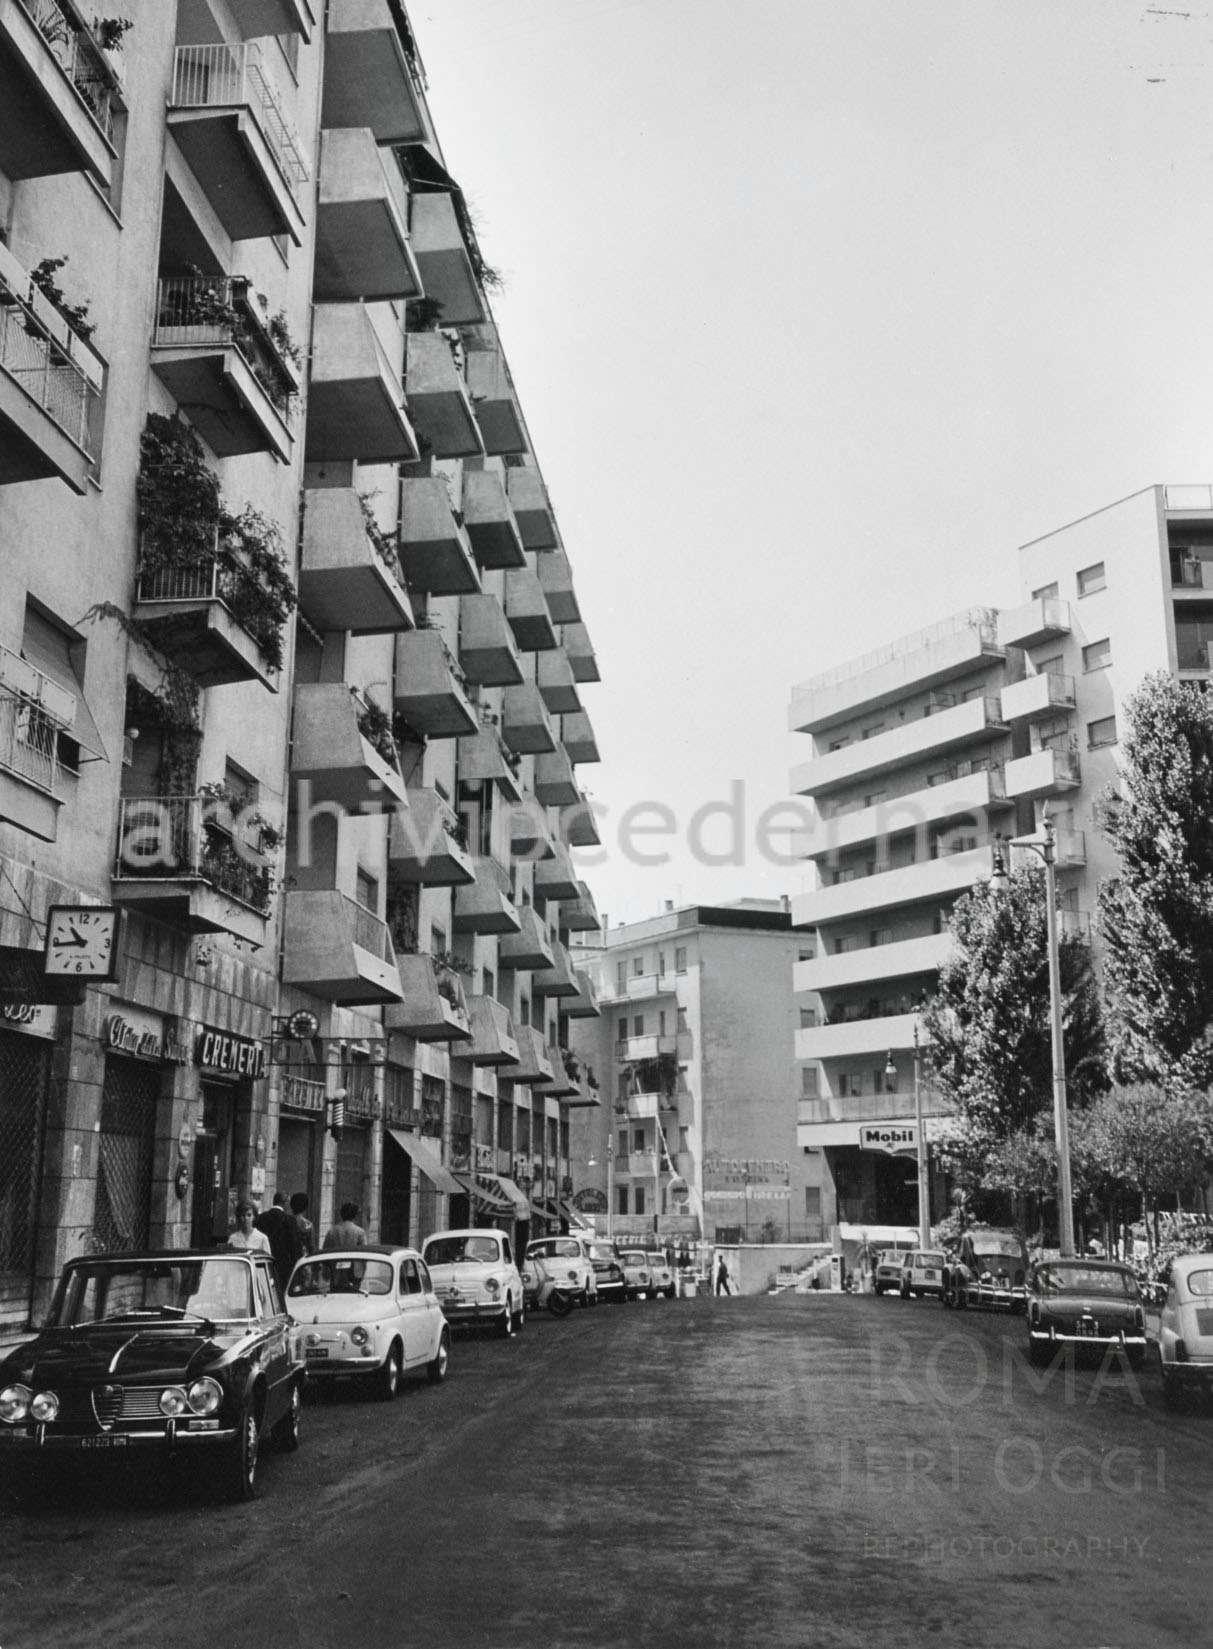 Trionfale (cederna, 1965) 6 foto - piazza della balduina - 006